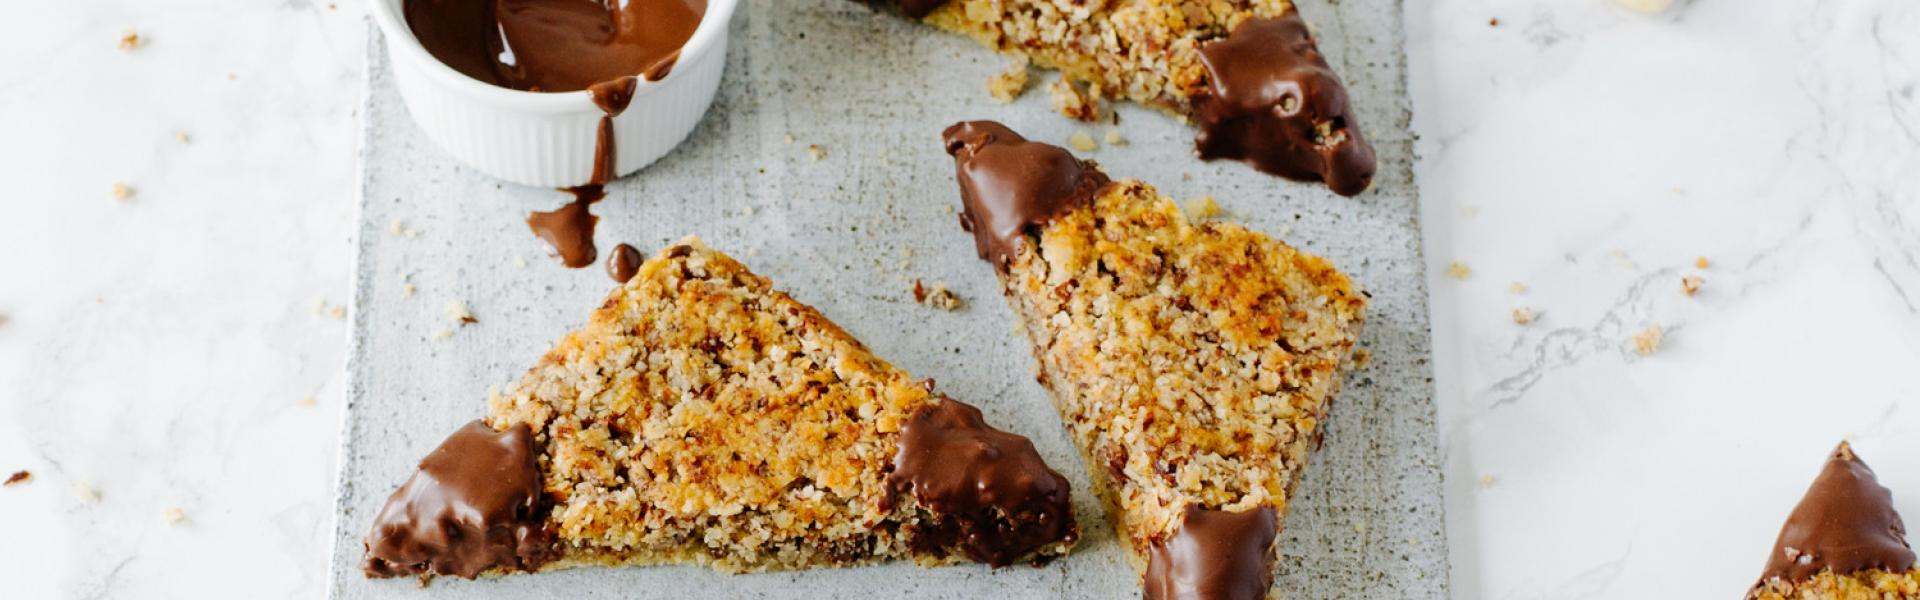 Kalorienarme Nussecken mit Schokolade auf Marmortisch.